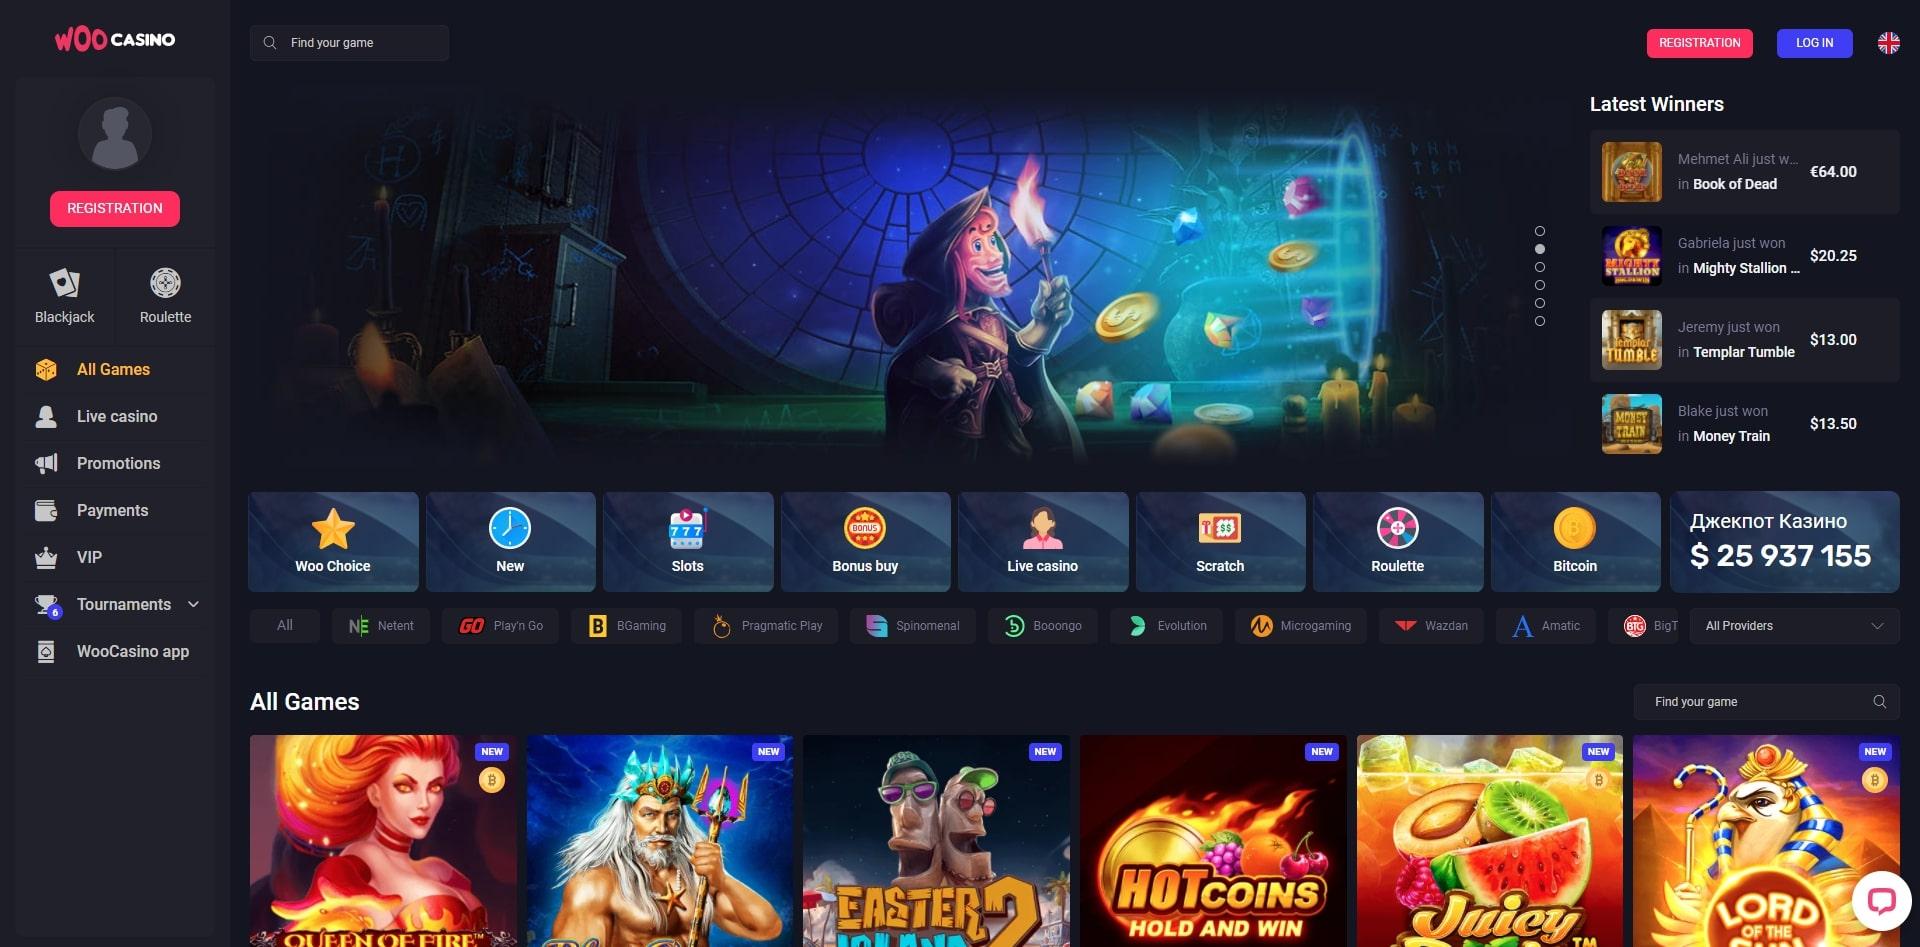 woo casino homepage